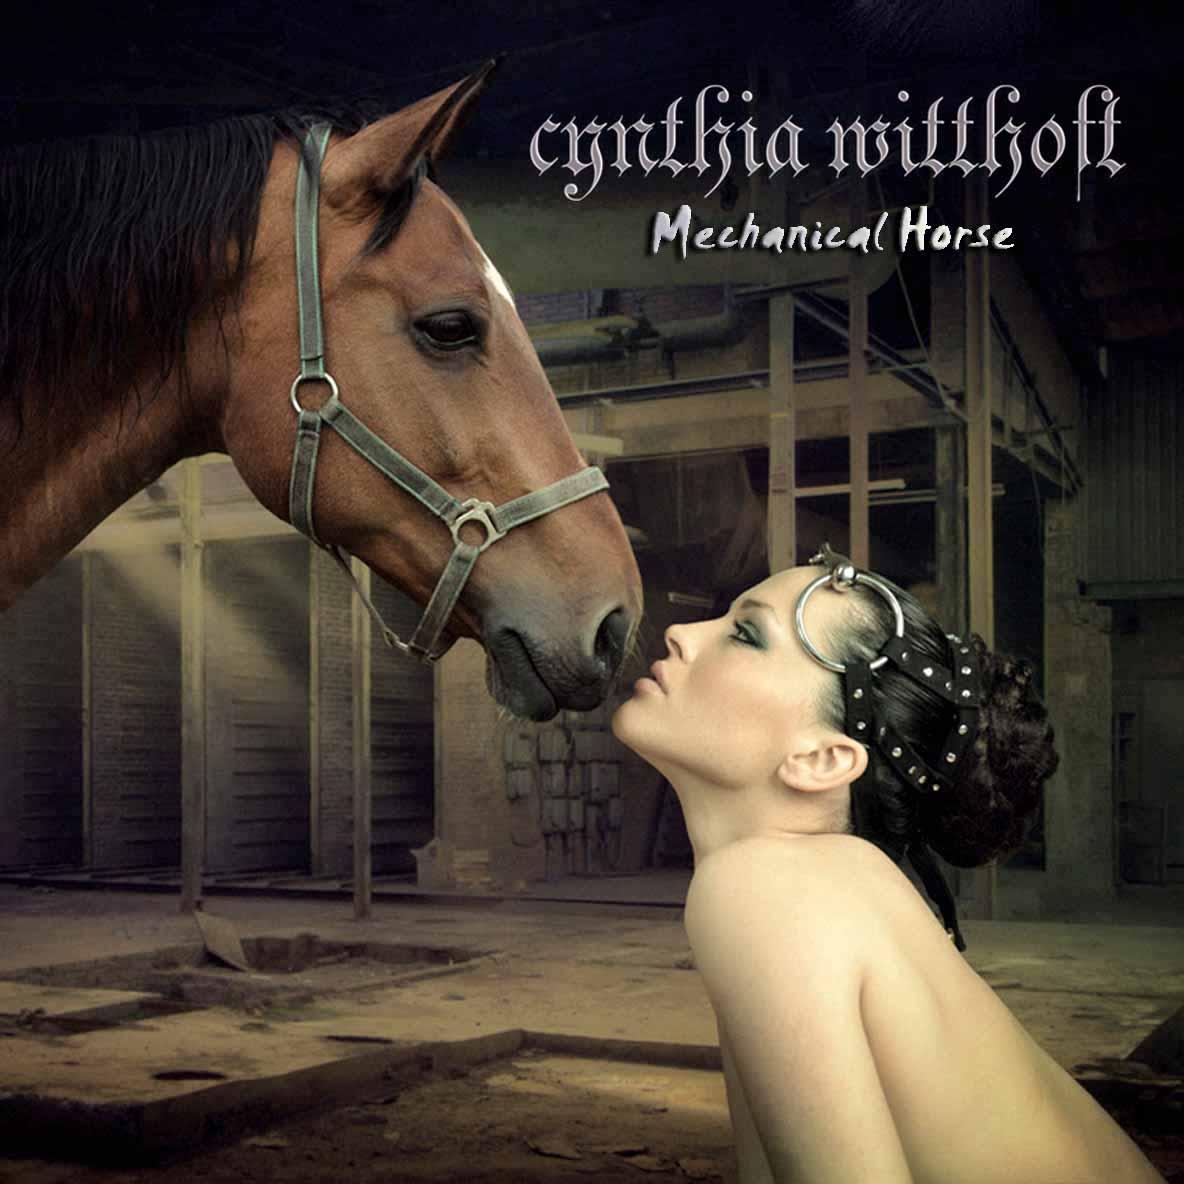 http://3.bp.blogspot.com/_5veTilZgC-4/TDfMOdsQF7I/AAAAAAAAIbM/vUKiBgrV76k/s1600/Cynthia+Witthoft+-+Mechanical+Horse+FRONT.jpg